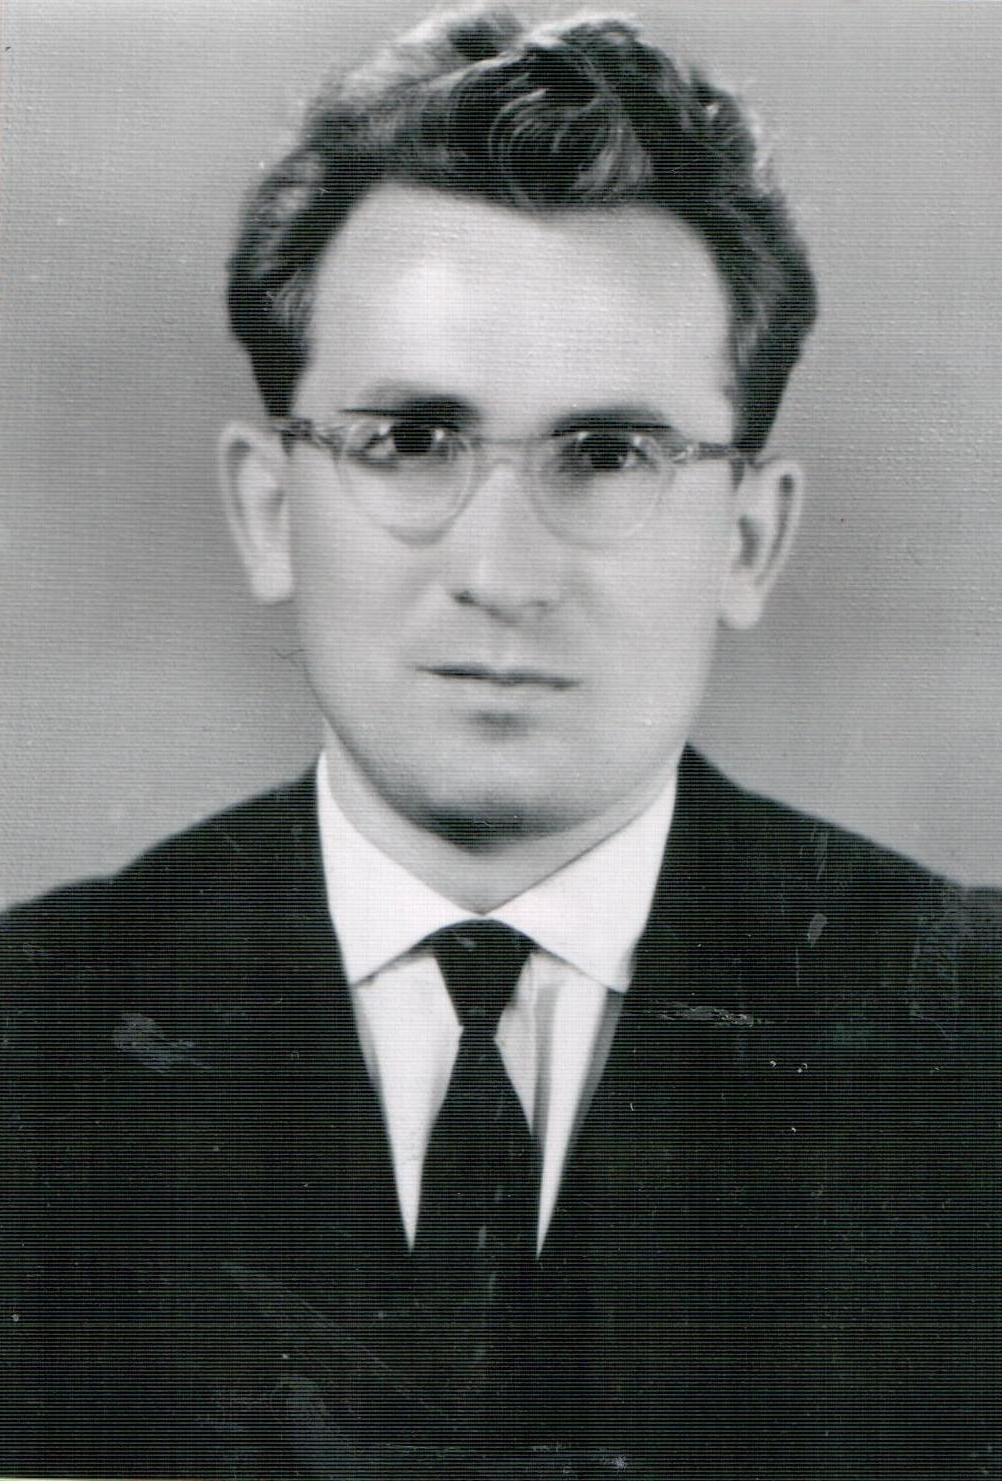 Долинич Йосип Йосипович